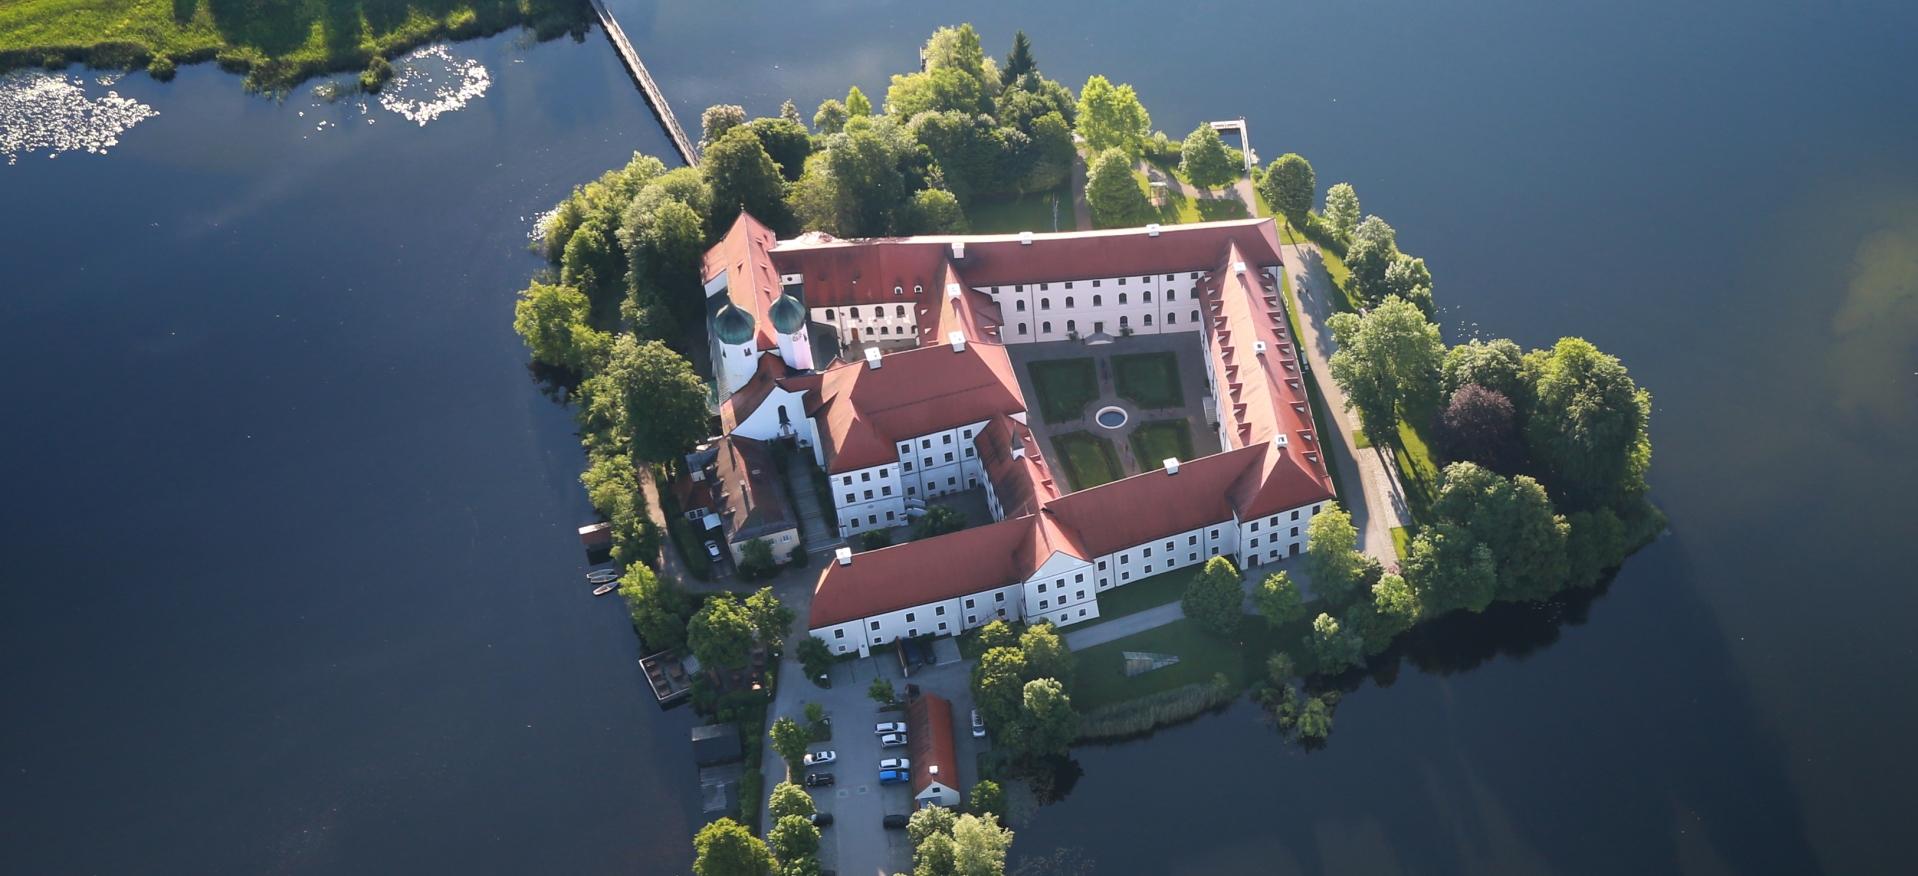 Kloster Seeon Luftaufnahme, © Sepp Niederbuchner